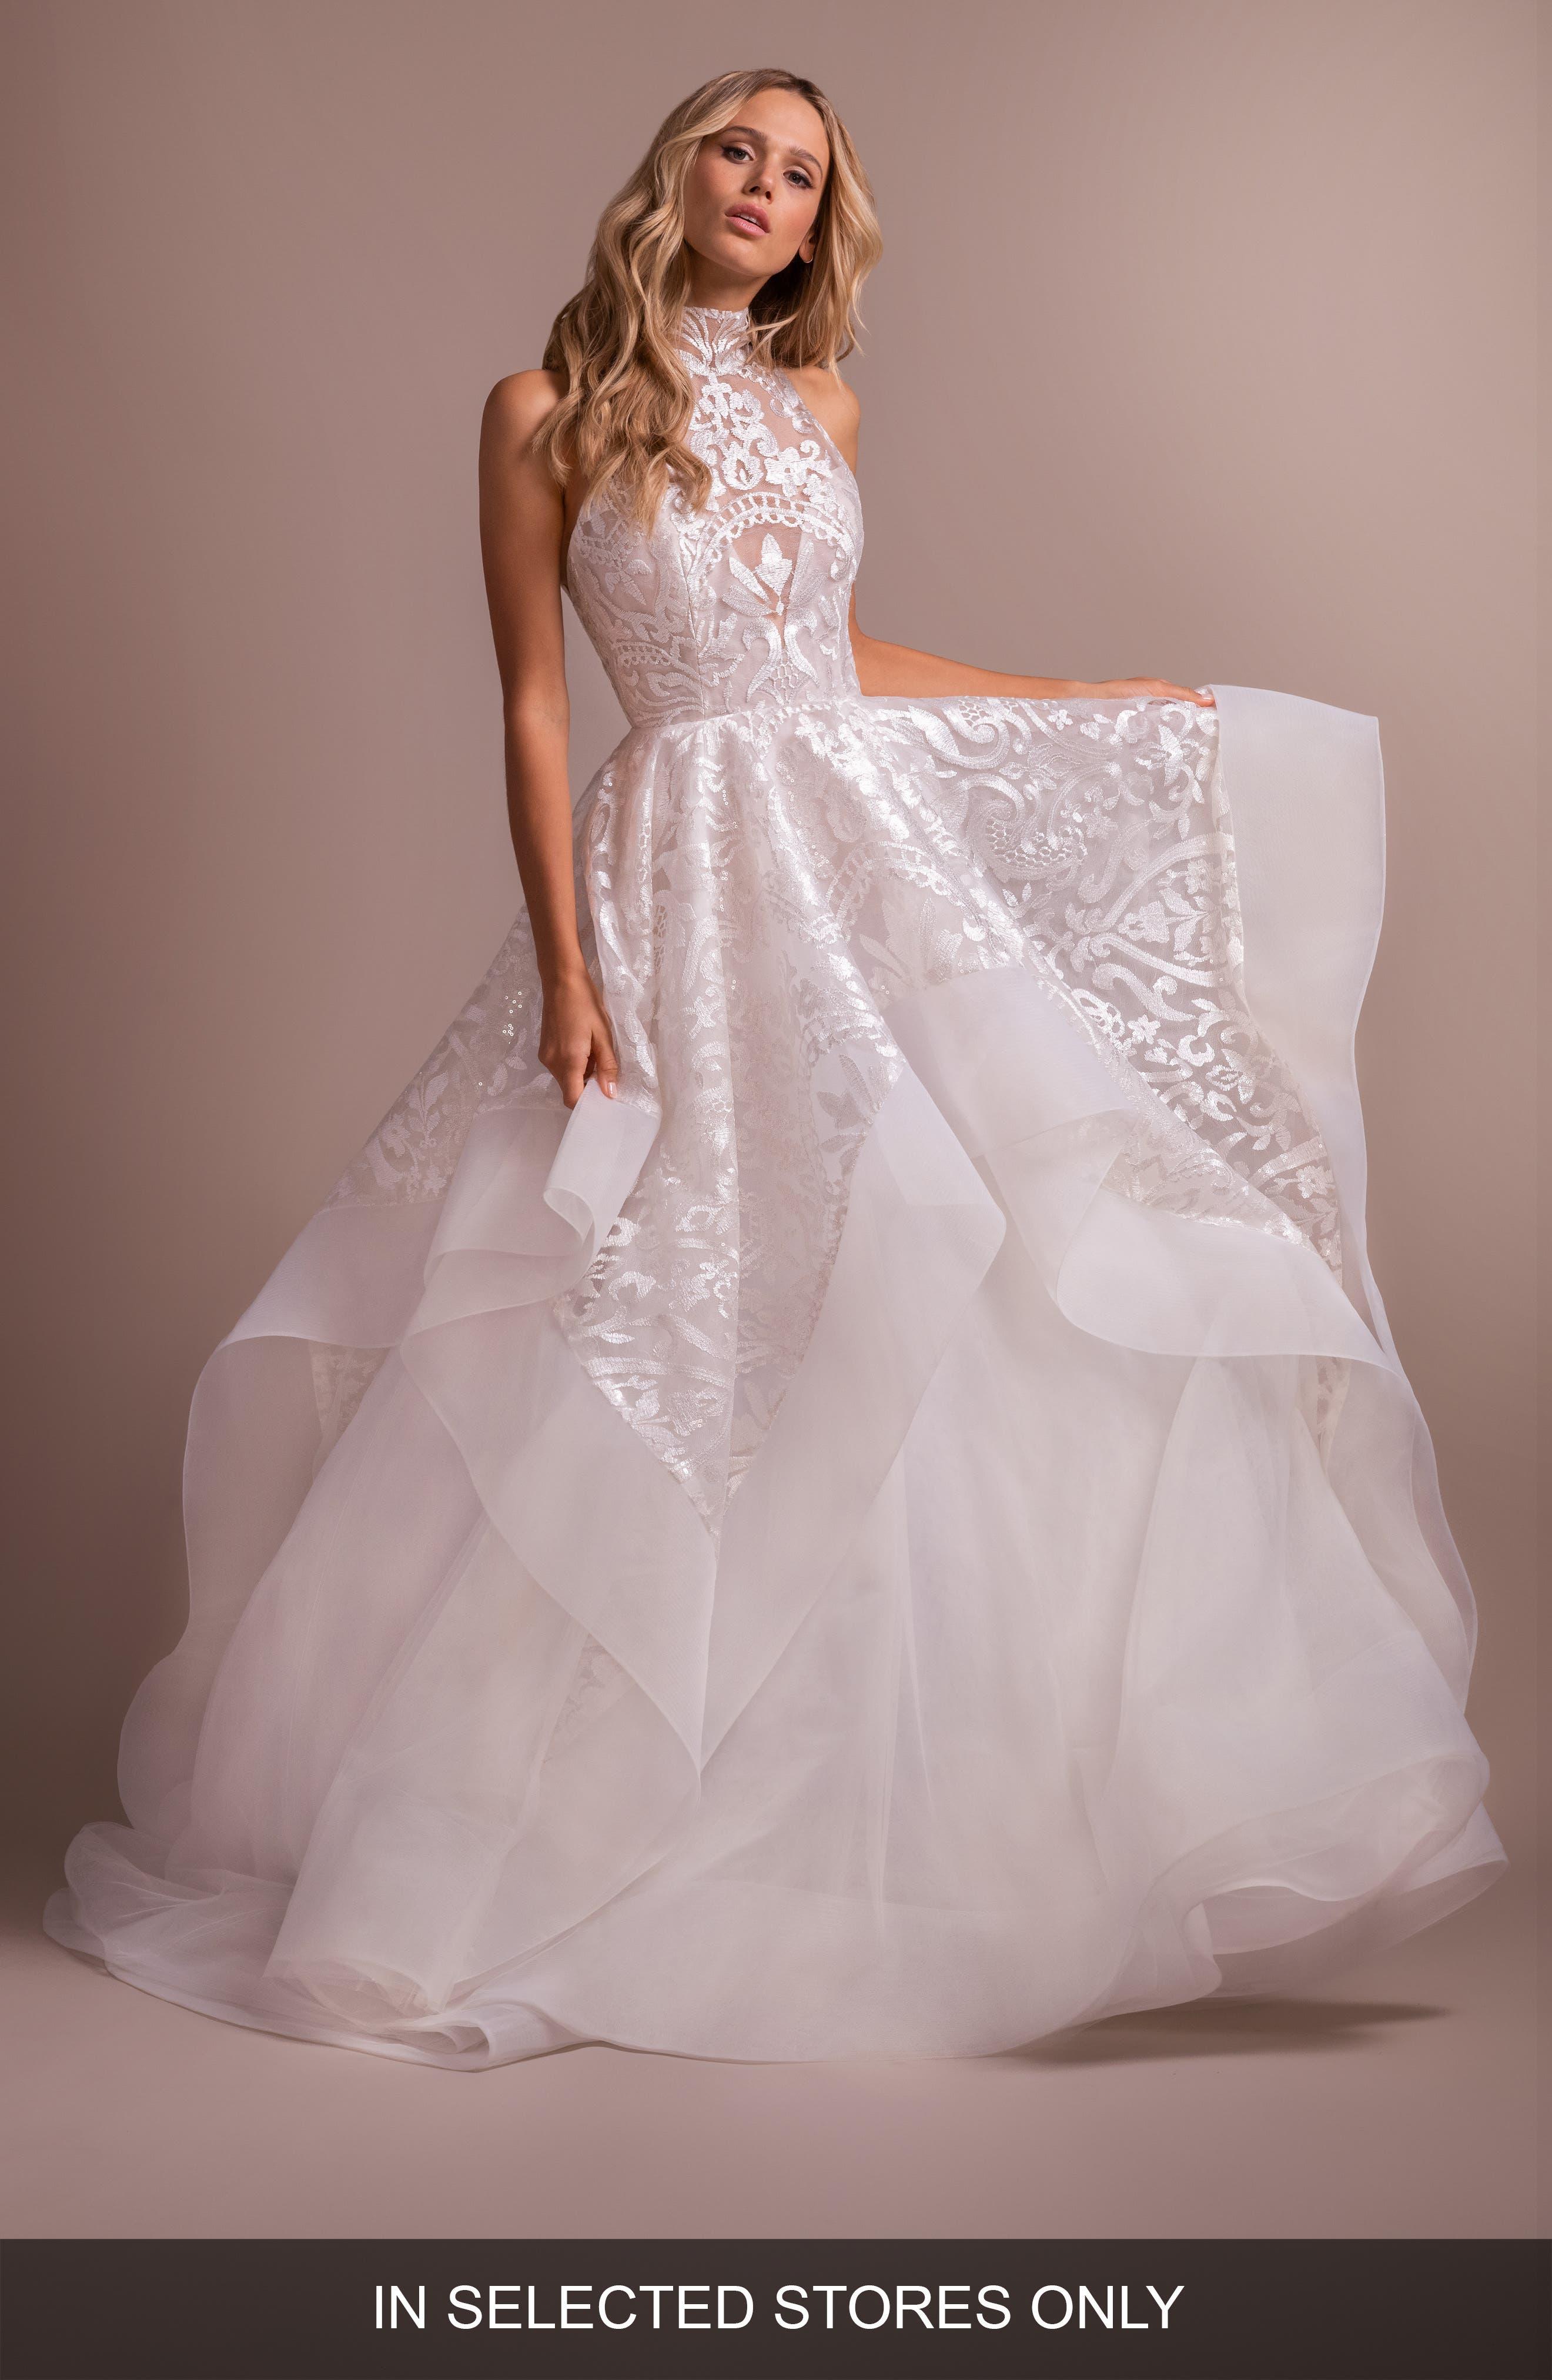 5d9c72322655 hayley paige weddings & parties dresses for women - Buy best women's hayley  paige weddings & parties dresses on Cools.com Shop